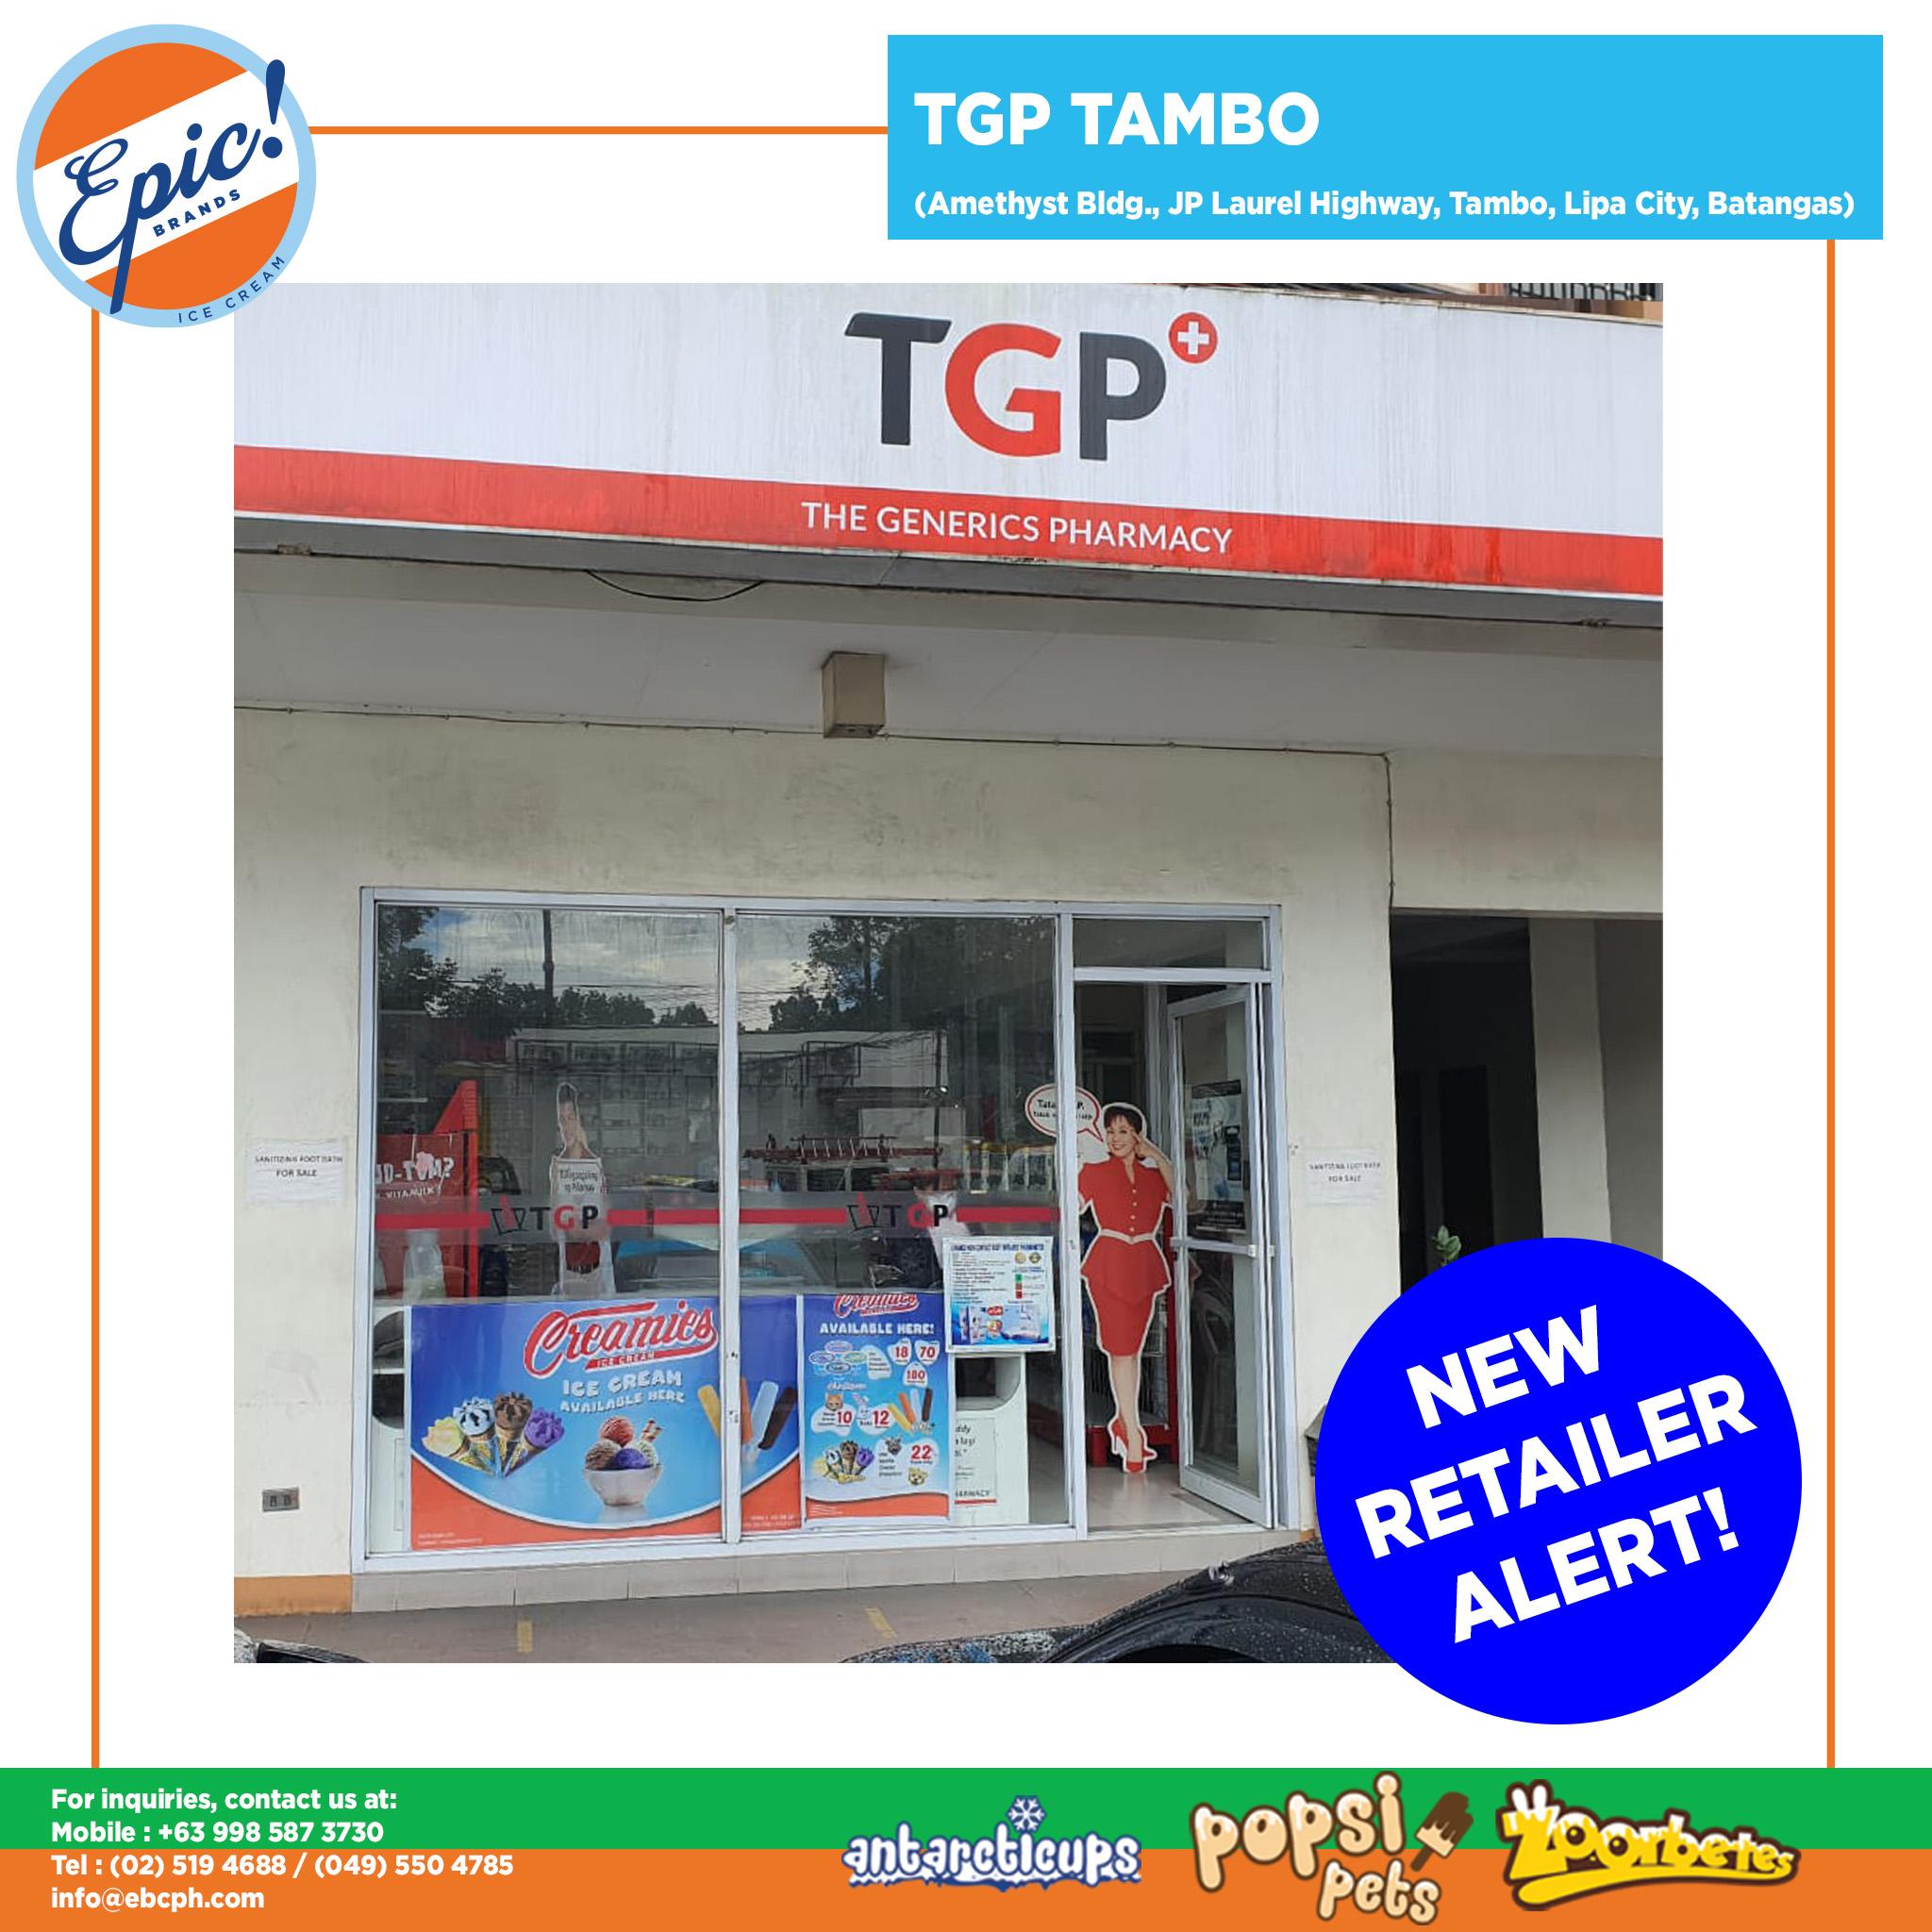 TGP Tambo